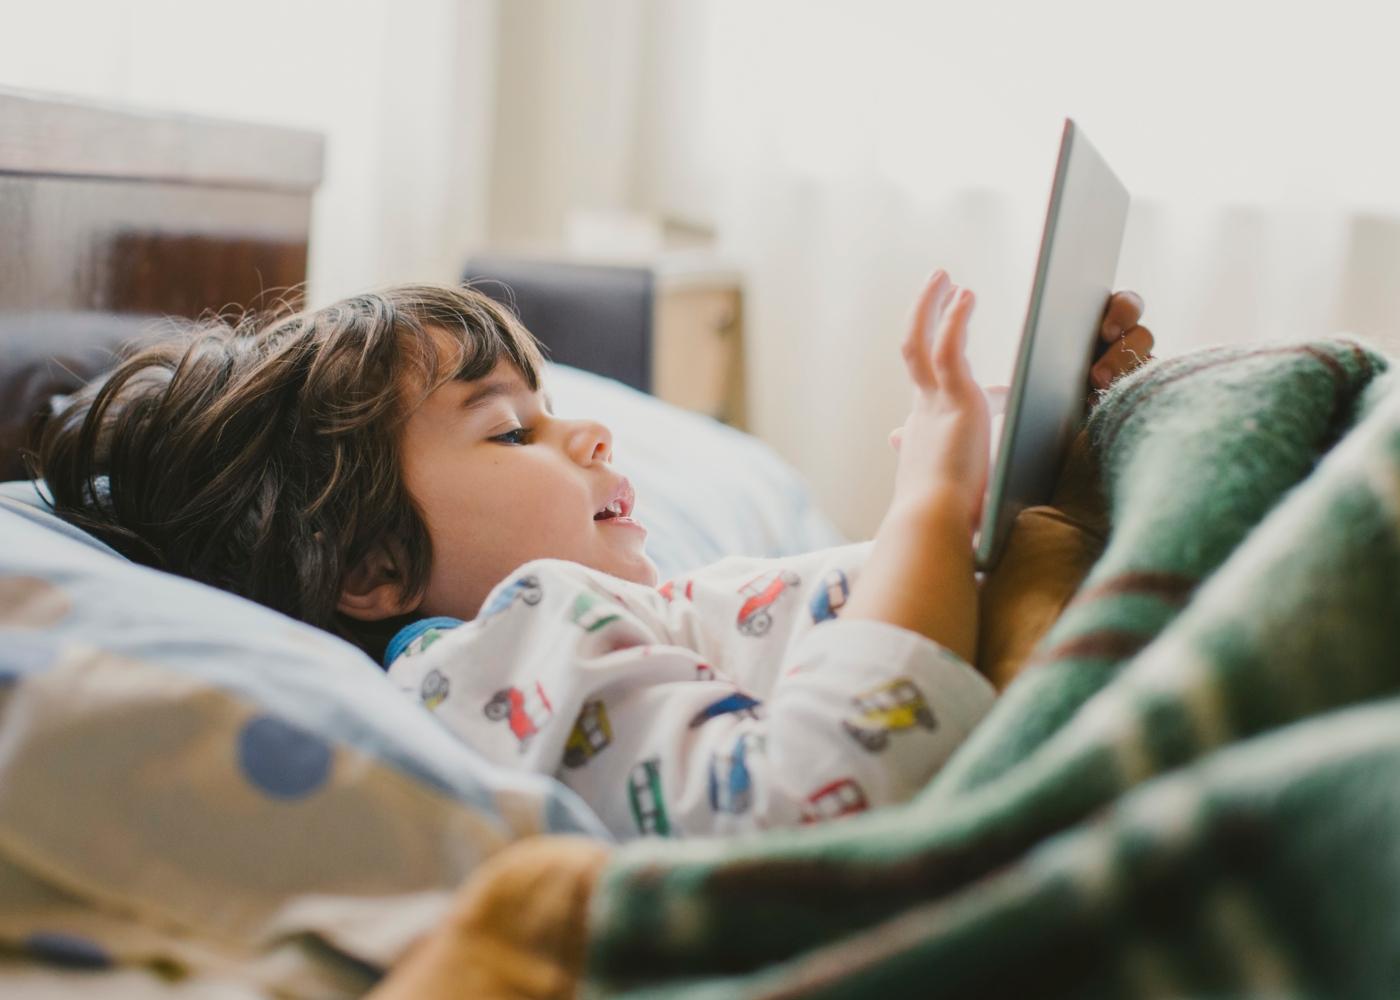 Criança a jogar no tablet